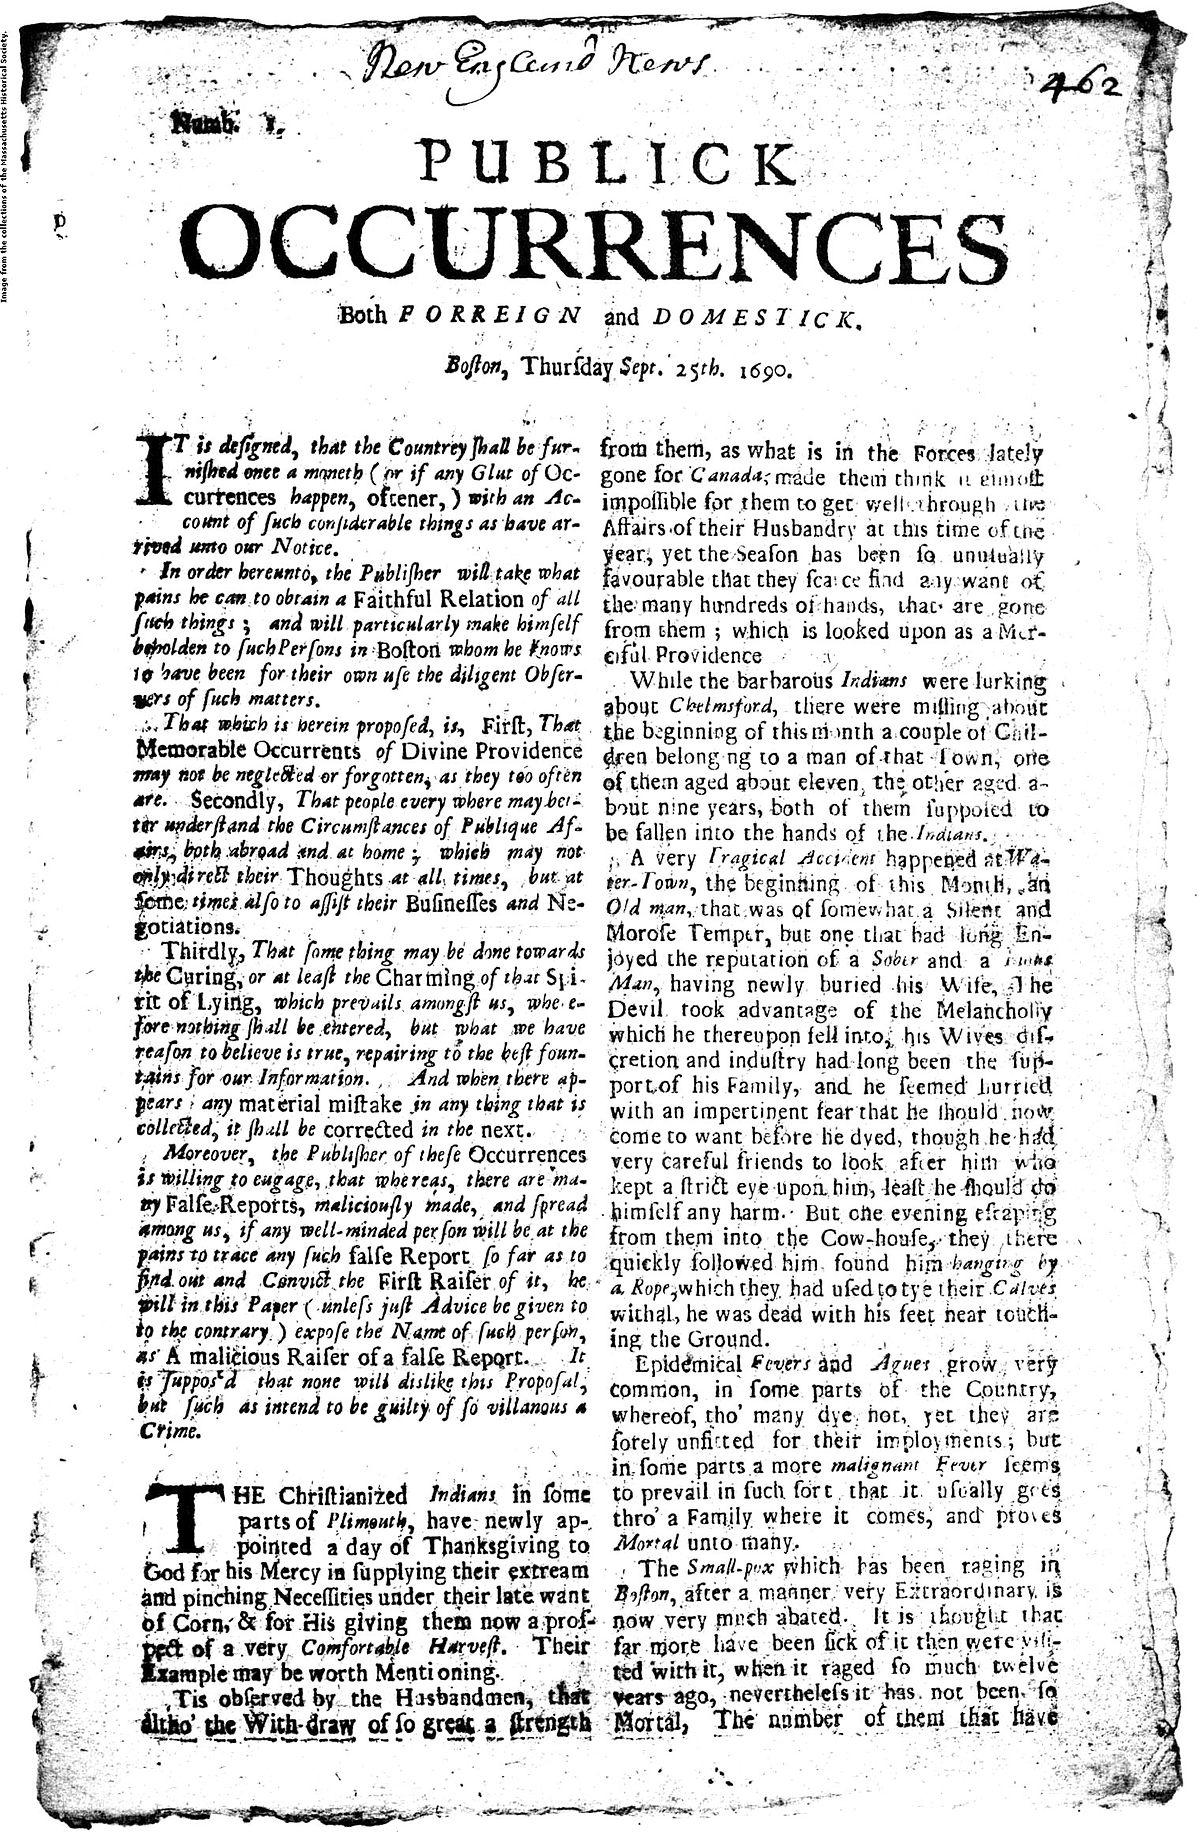 Geschichte der Zeitungen der Vereinigten Staaten – Wikipedia